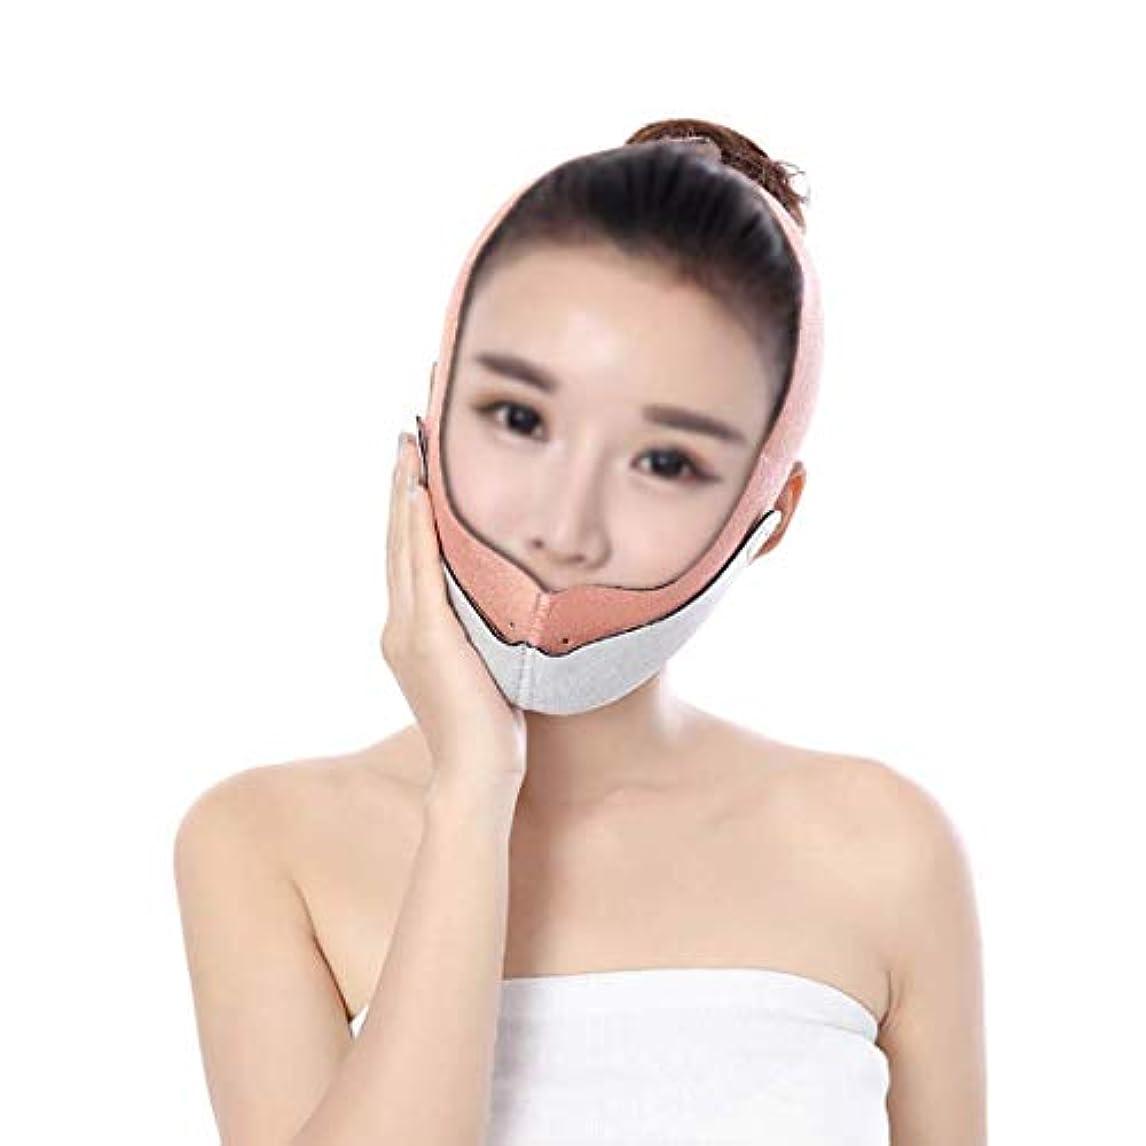 検閲に対処する剃るファーミングフェイスマスク、フェイスリフティングアーティファクト修正フェイスリフティングベルトたるみ防止包帯美容マスクマスクV顔布ツール